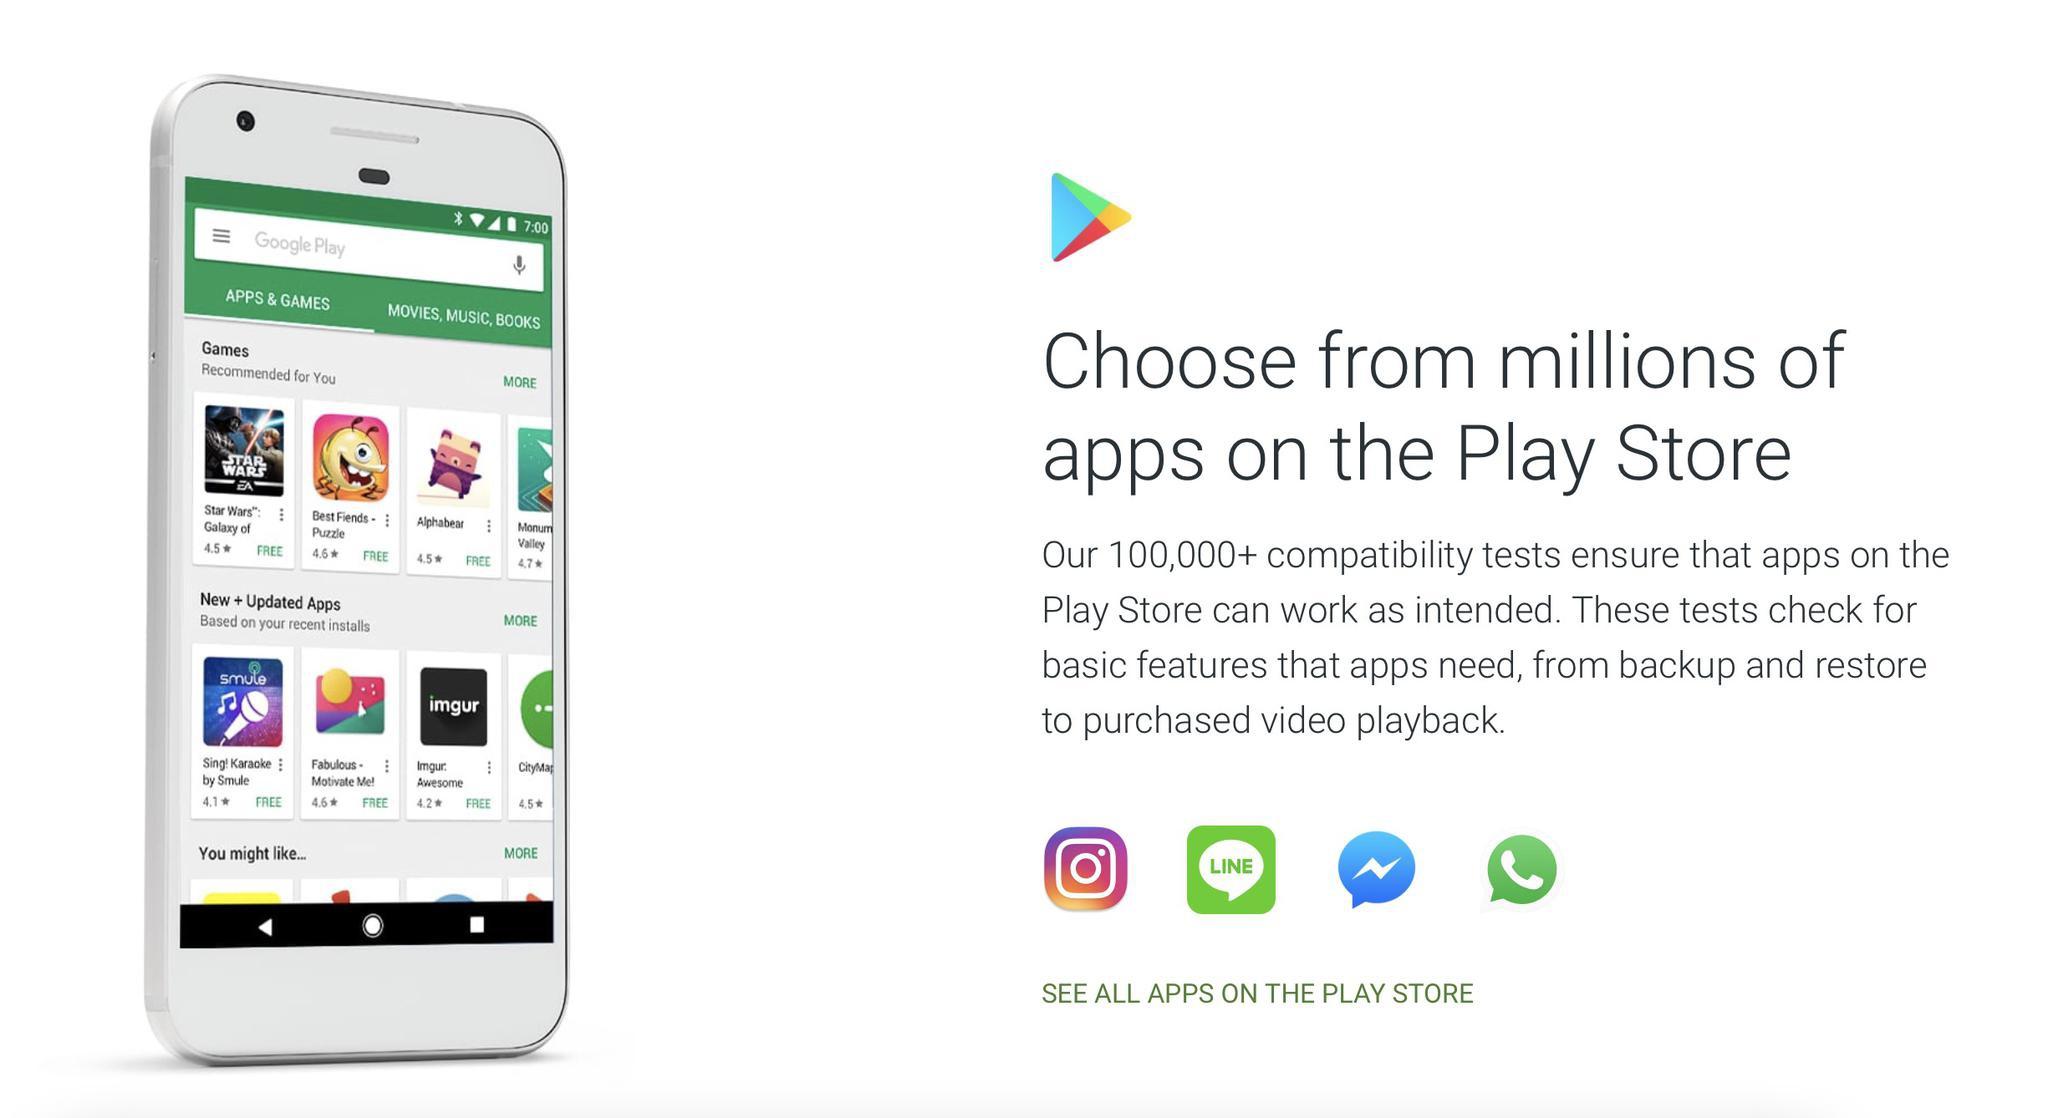 未认证 Android 设备未来或无法使用 Google Messages 应用